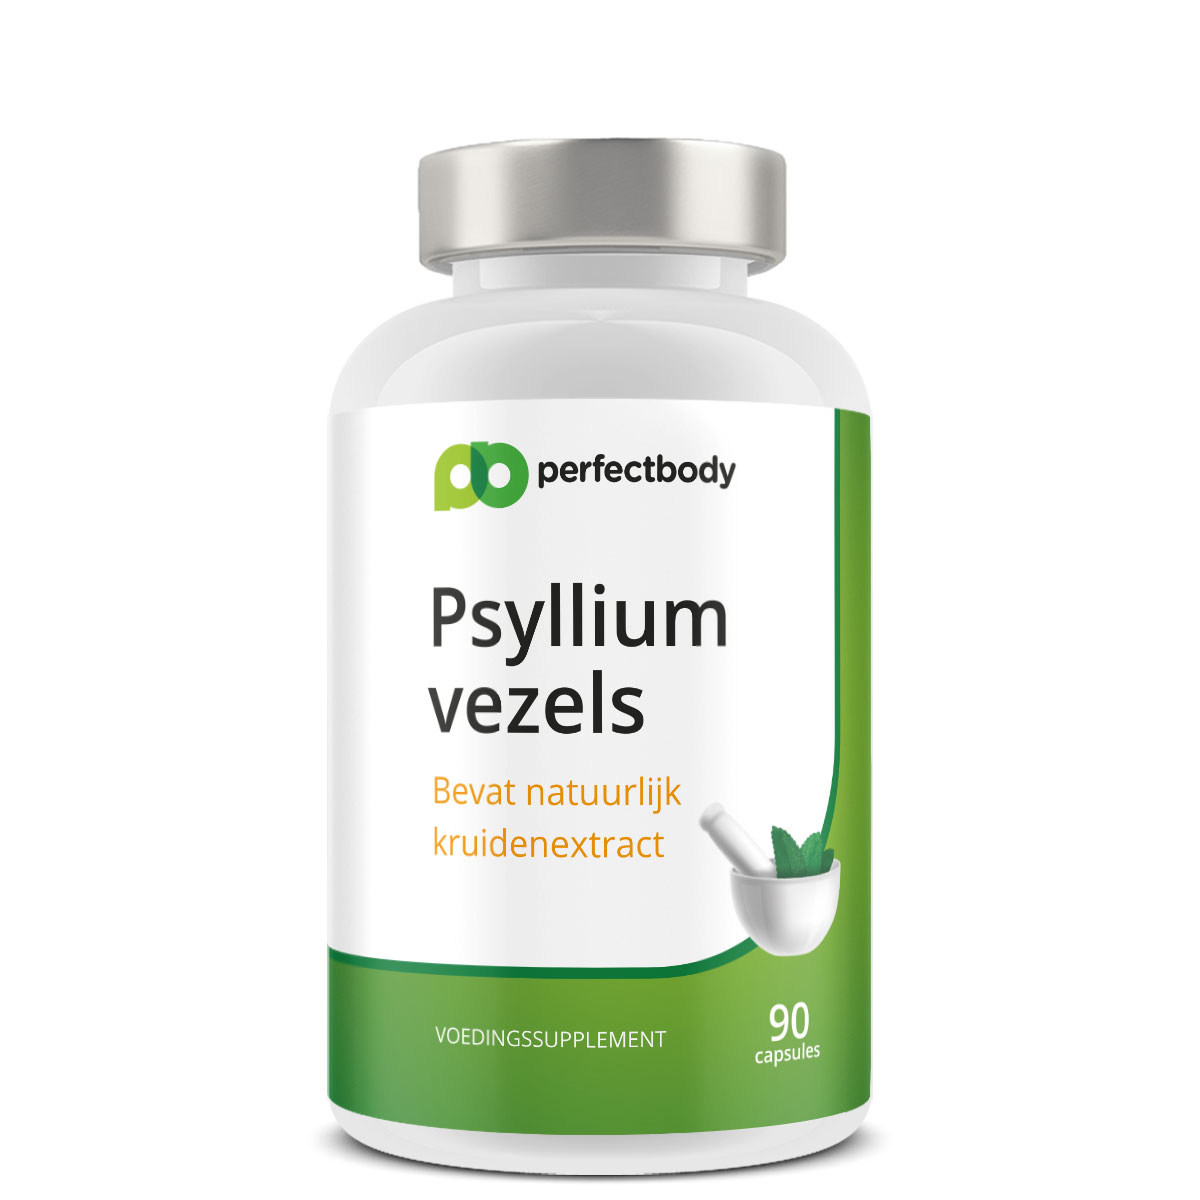 Perfectbody Psylliumvezels (vlozaad) - 90 Capsules